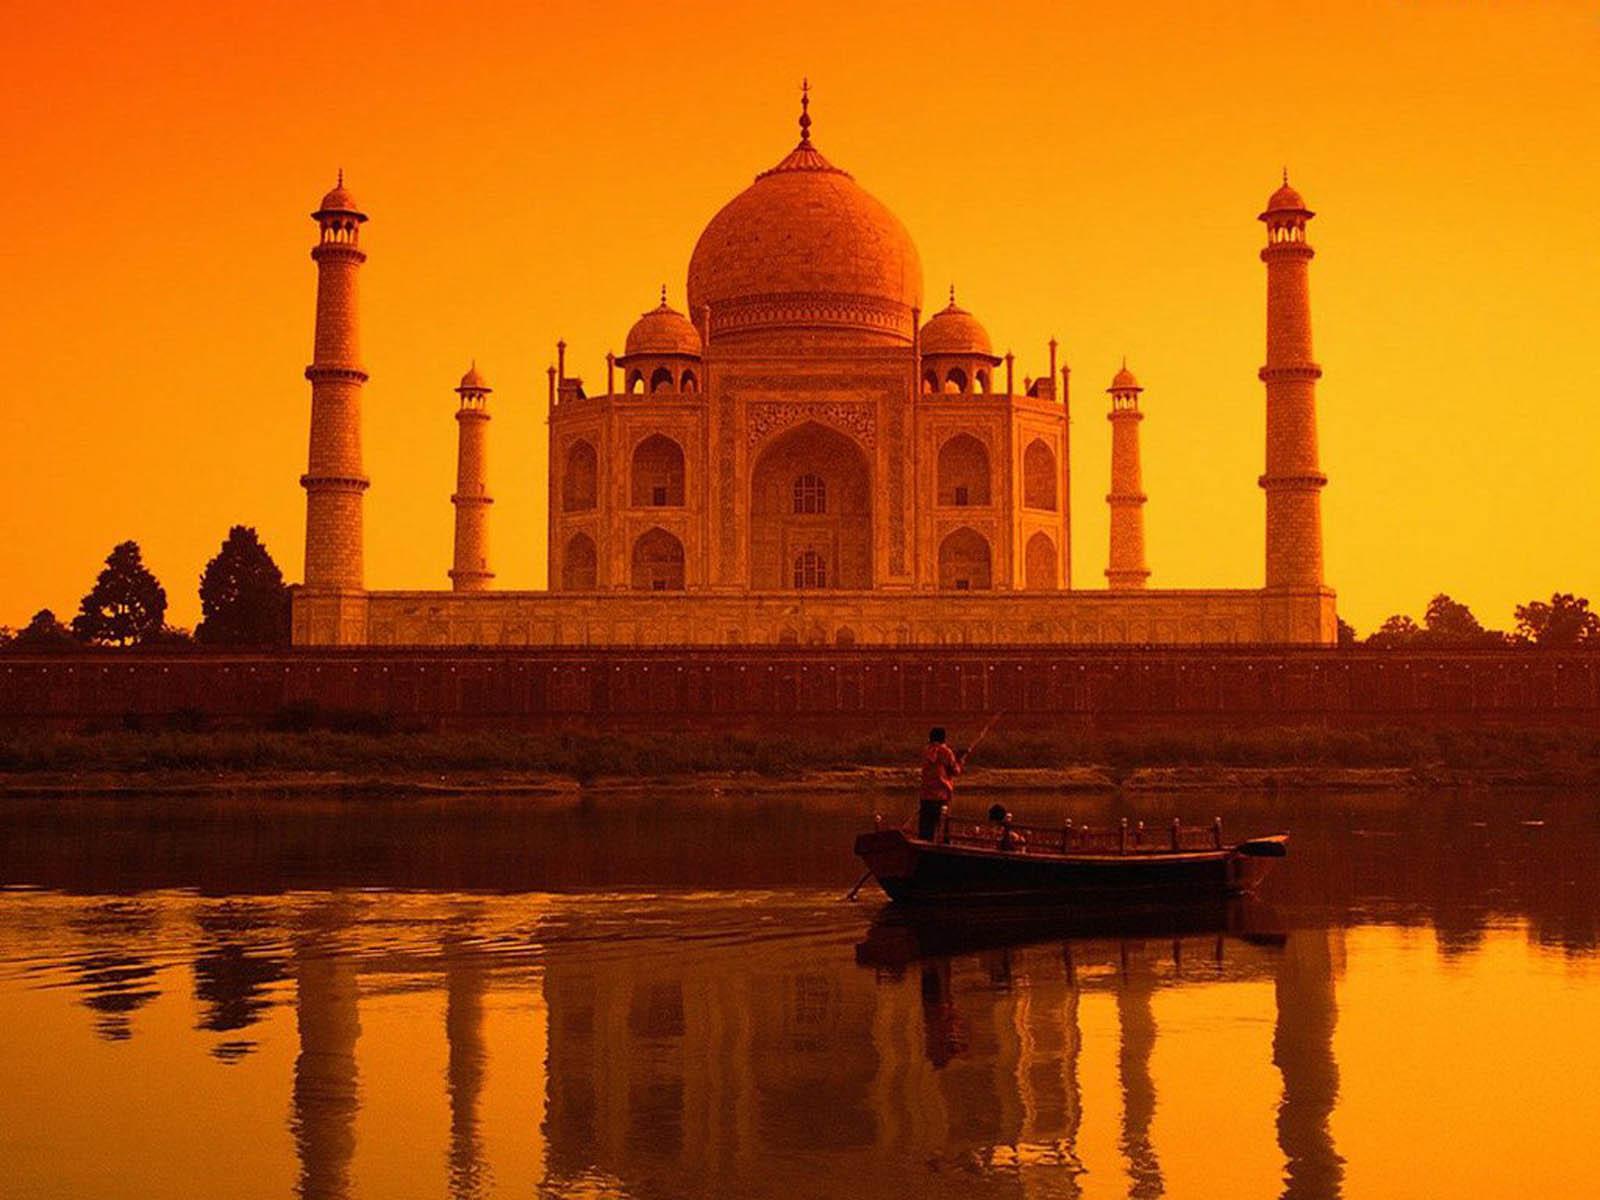 Taj Mahal Images Wallpapers (52 Wallpapers)